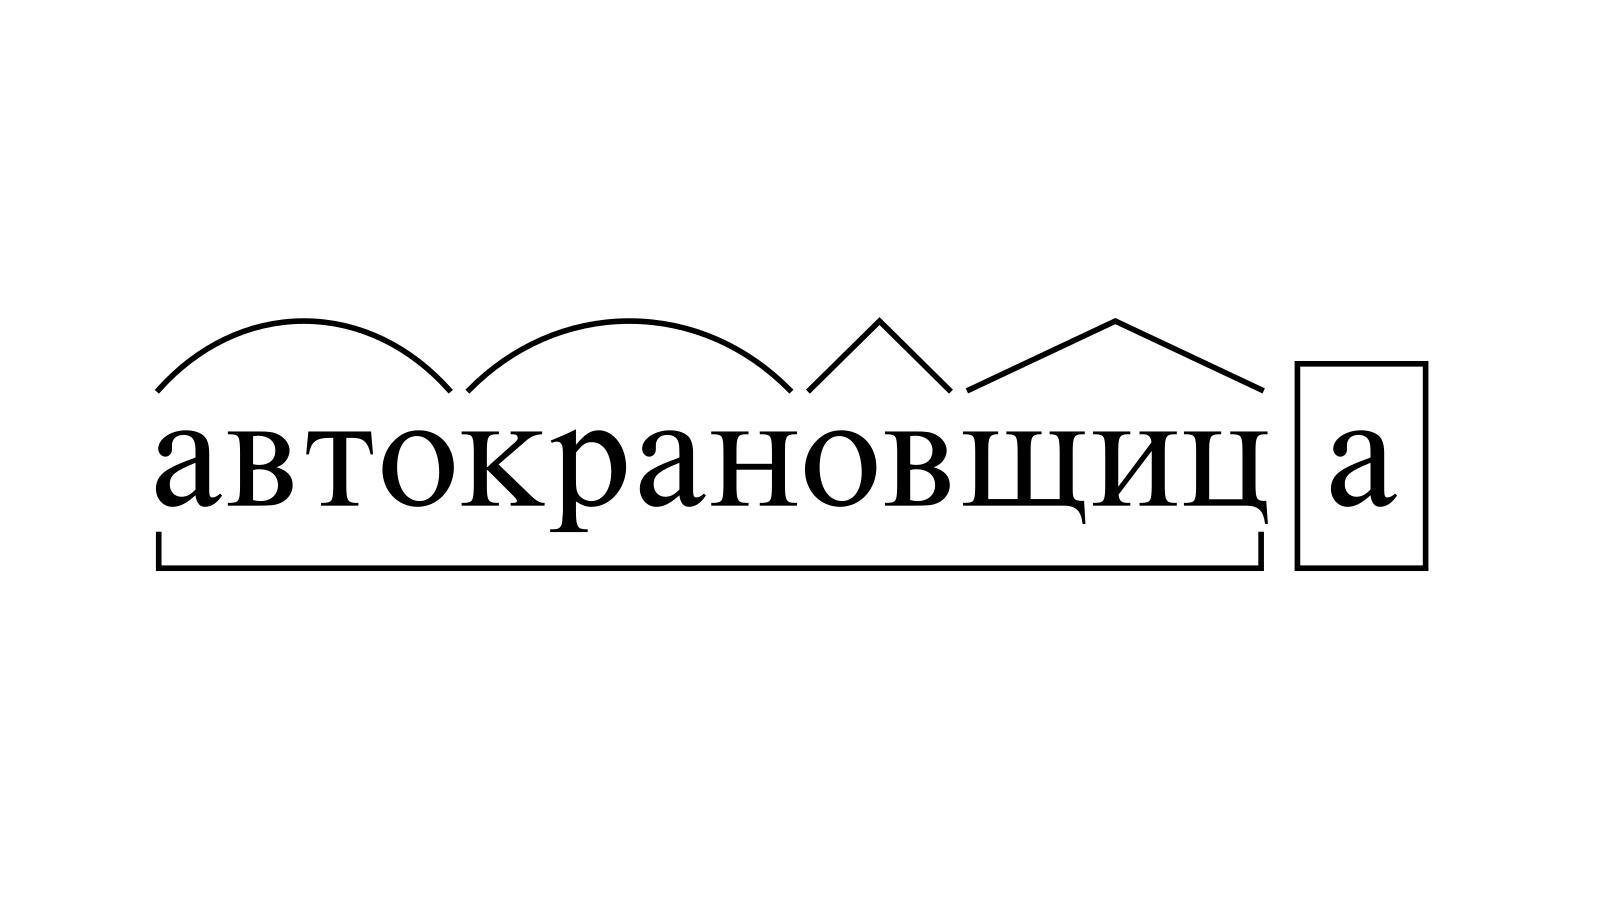 Разбор слова «автокрановщица» по составу